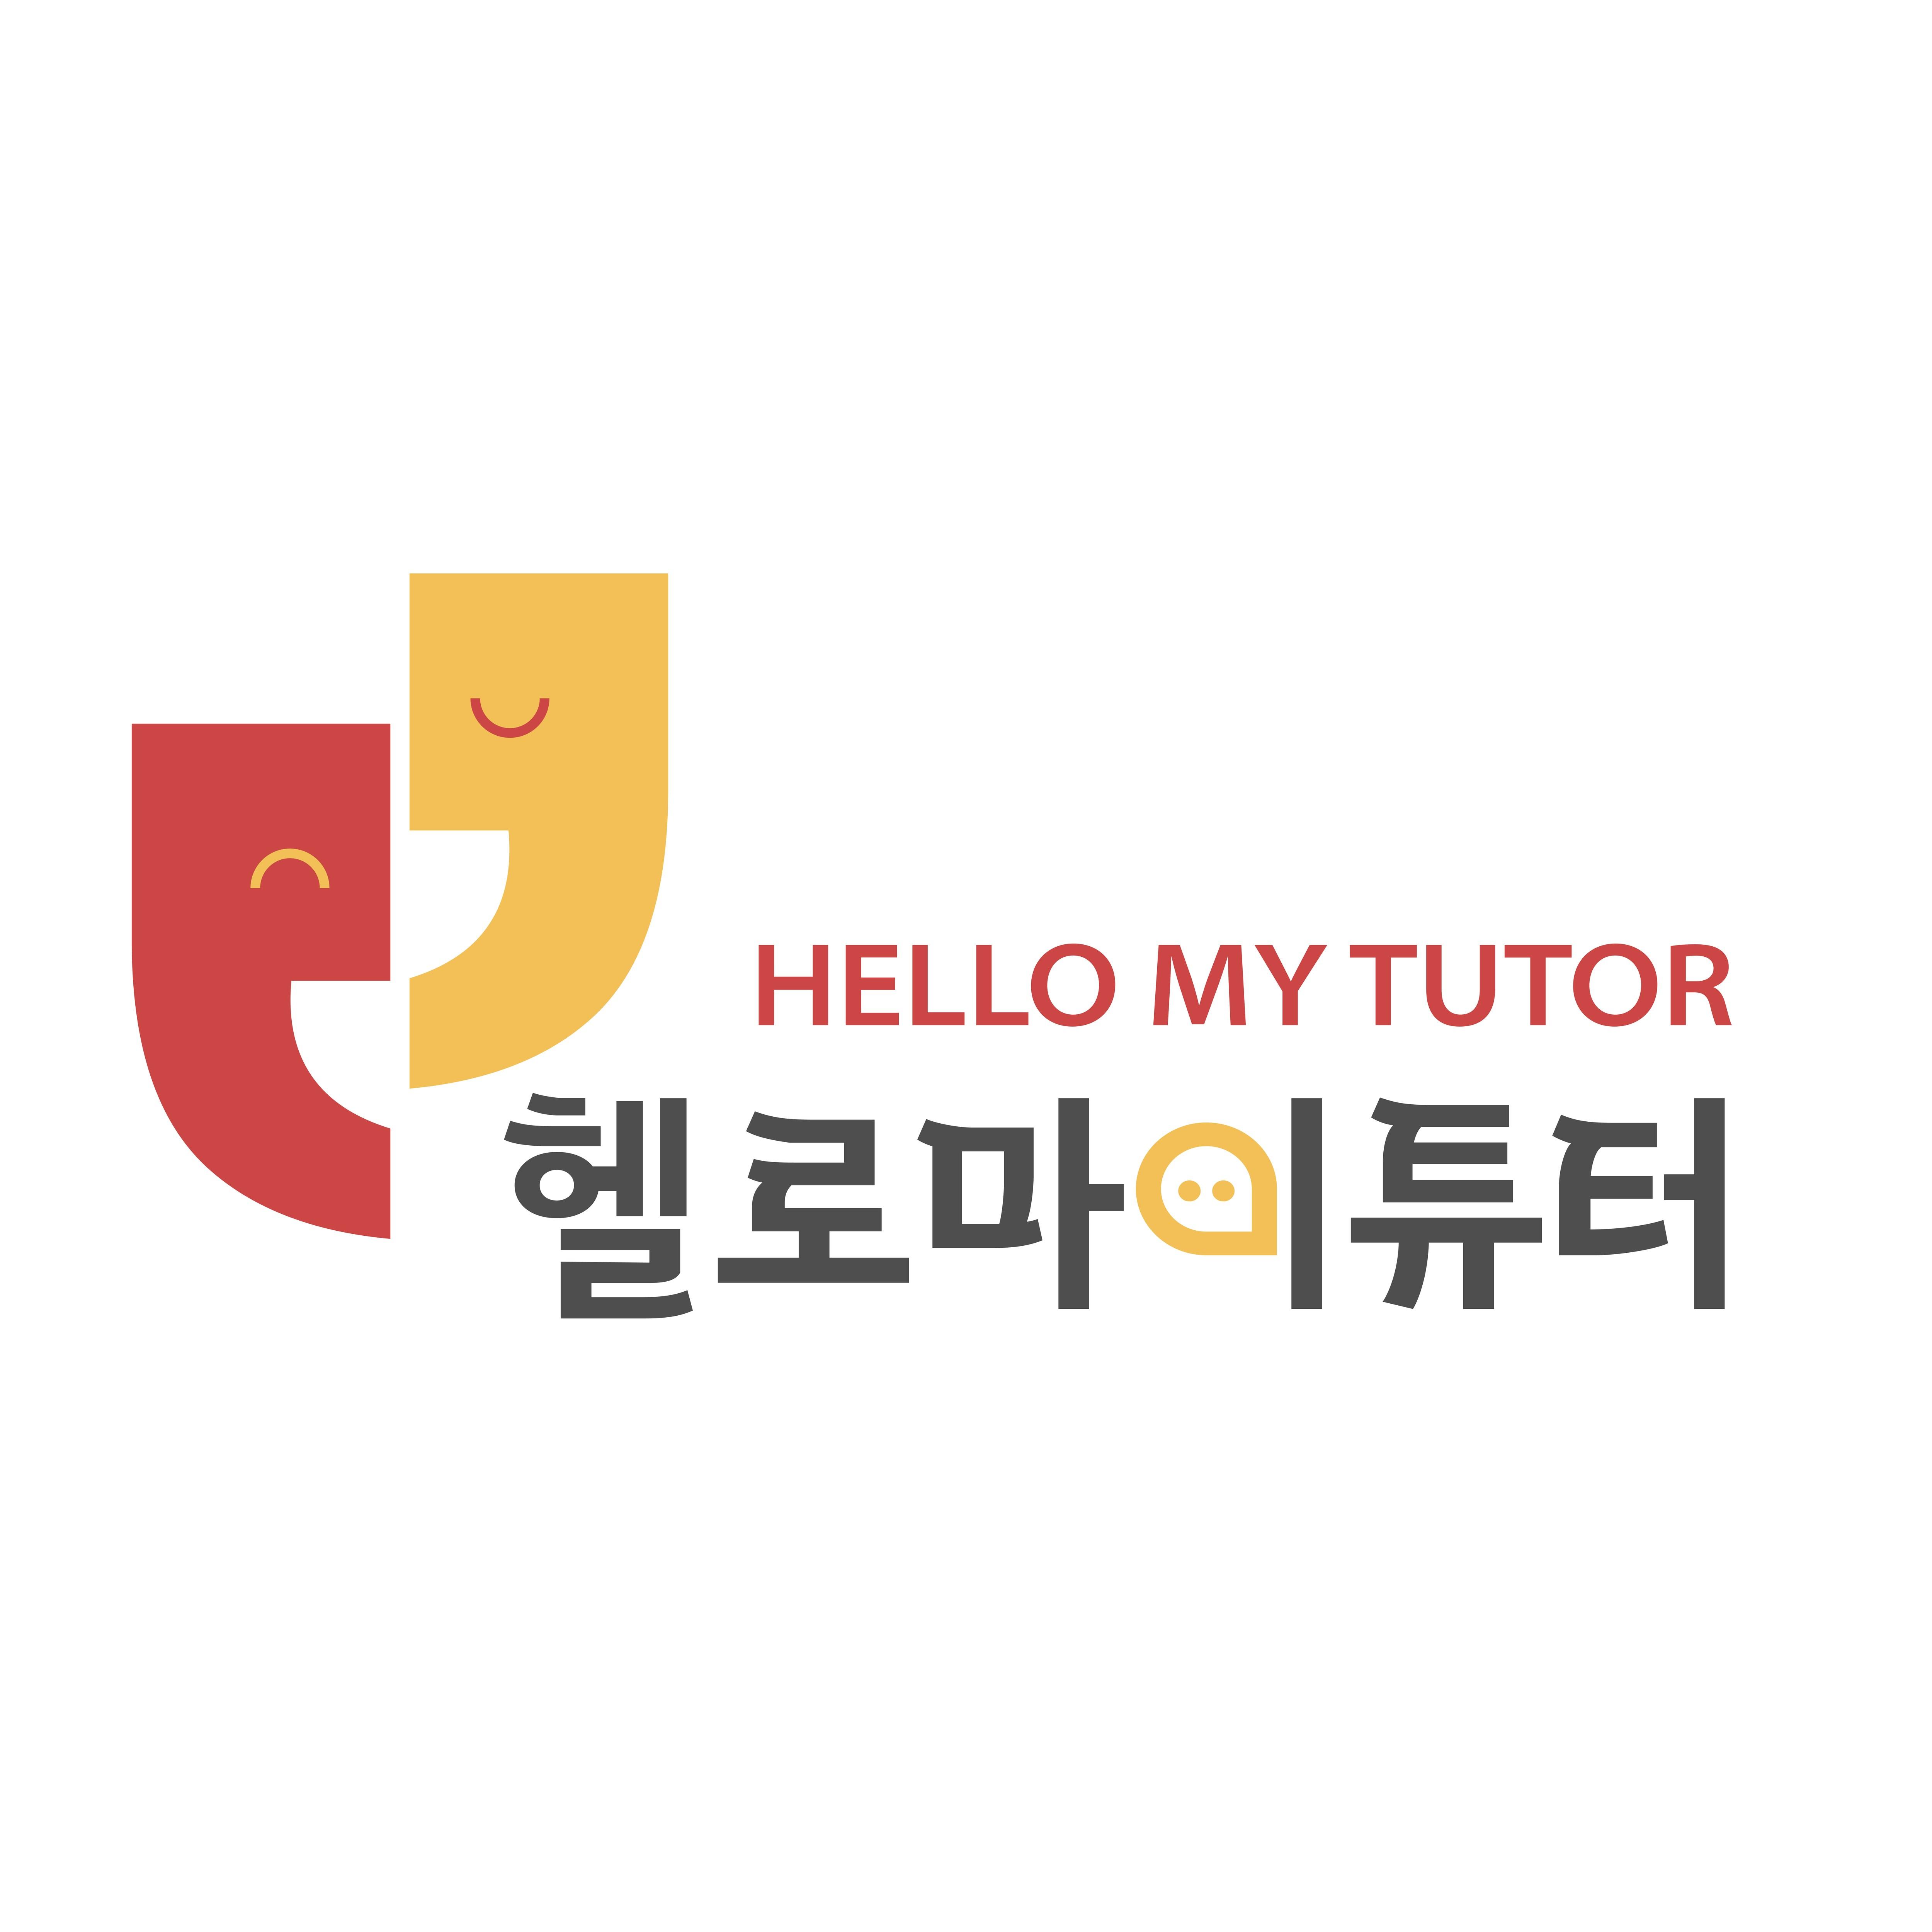 헬로마이튜터 성인 화상영어 수강권 시니어 / 무료레벨테스트, 1개월(4주), 20분, 주2회(화목)